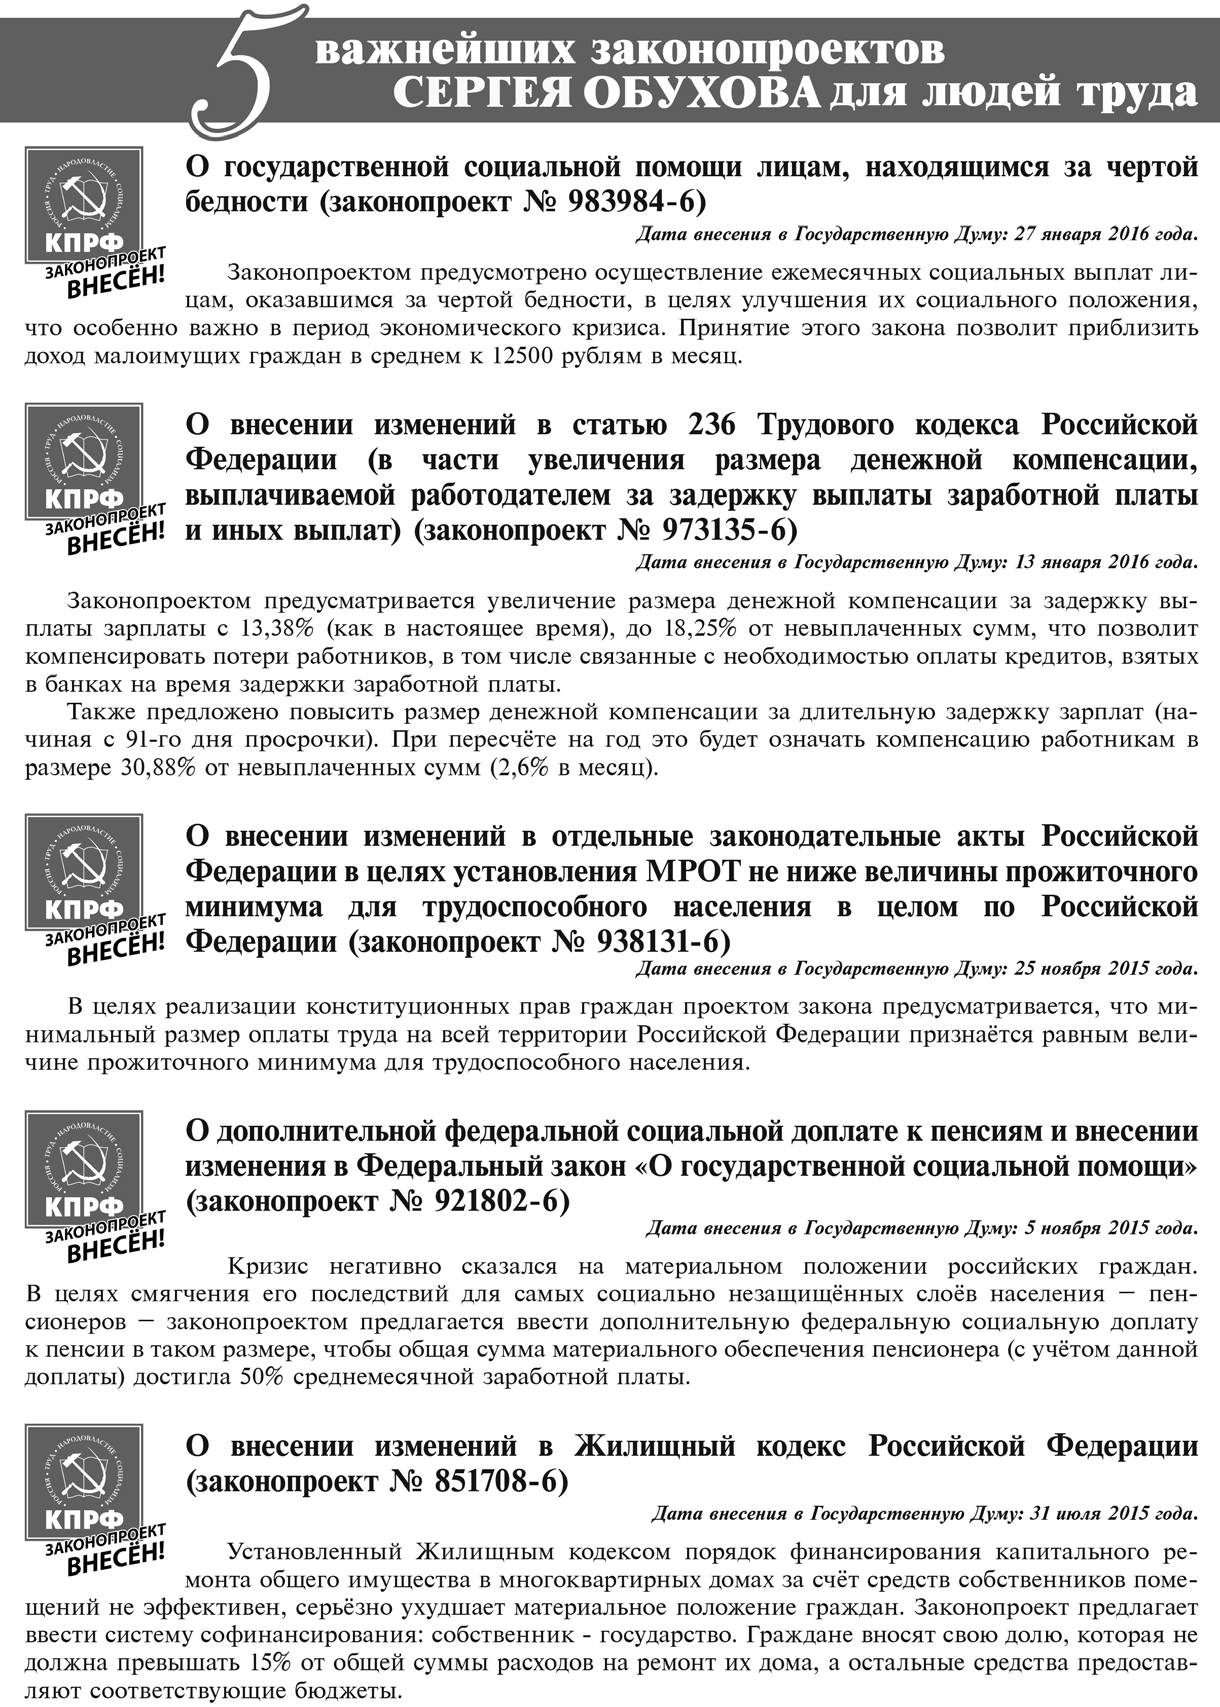 2016-02 Хватит дурить и грабить народ - 2